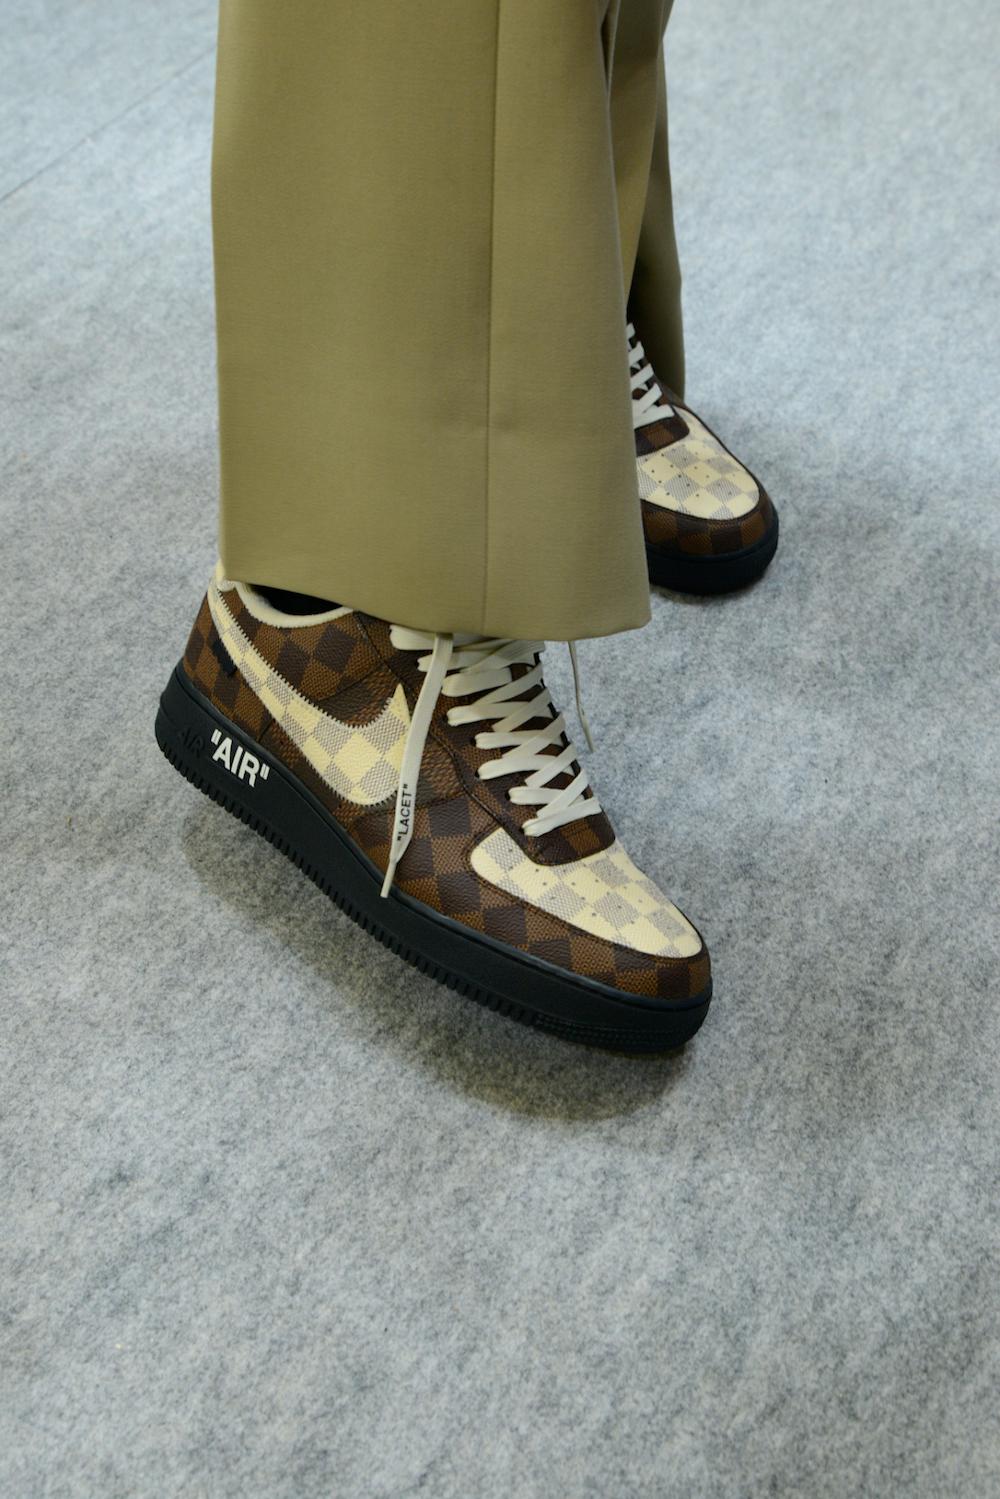 Sneakers Nike hợp tác cùng Louis Vuitton với họa tiết Damier